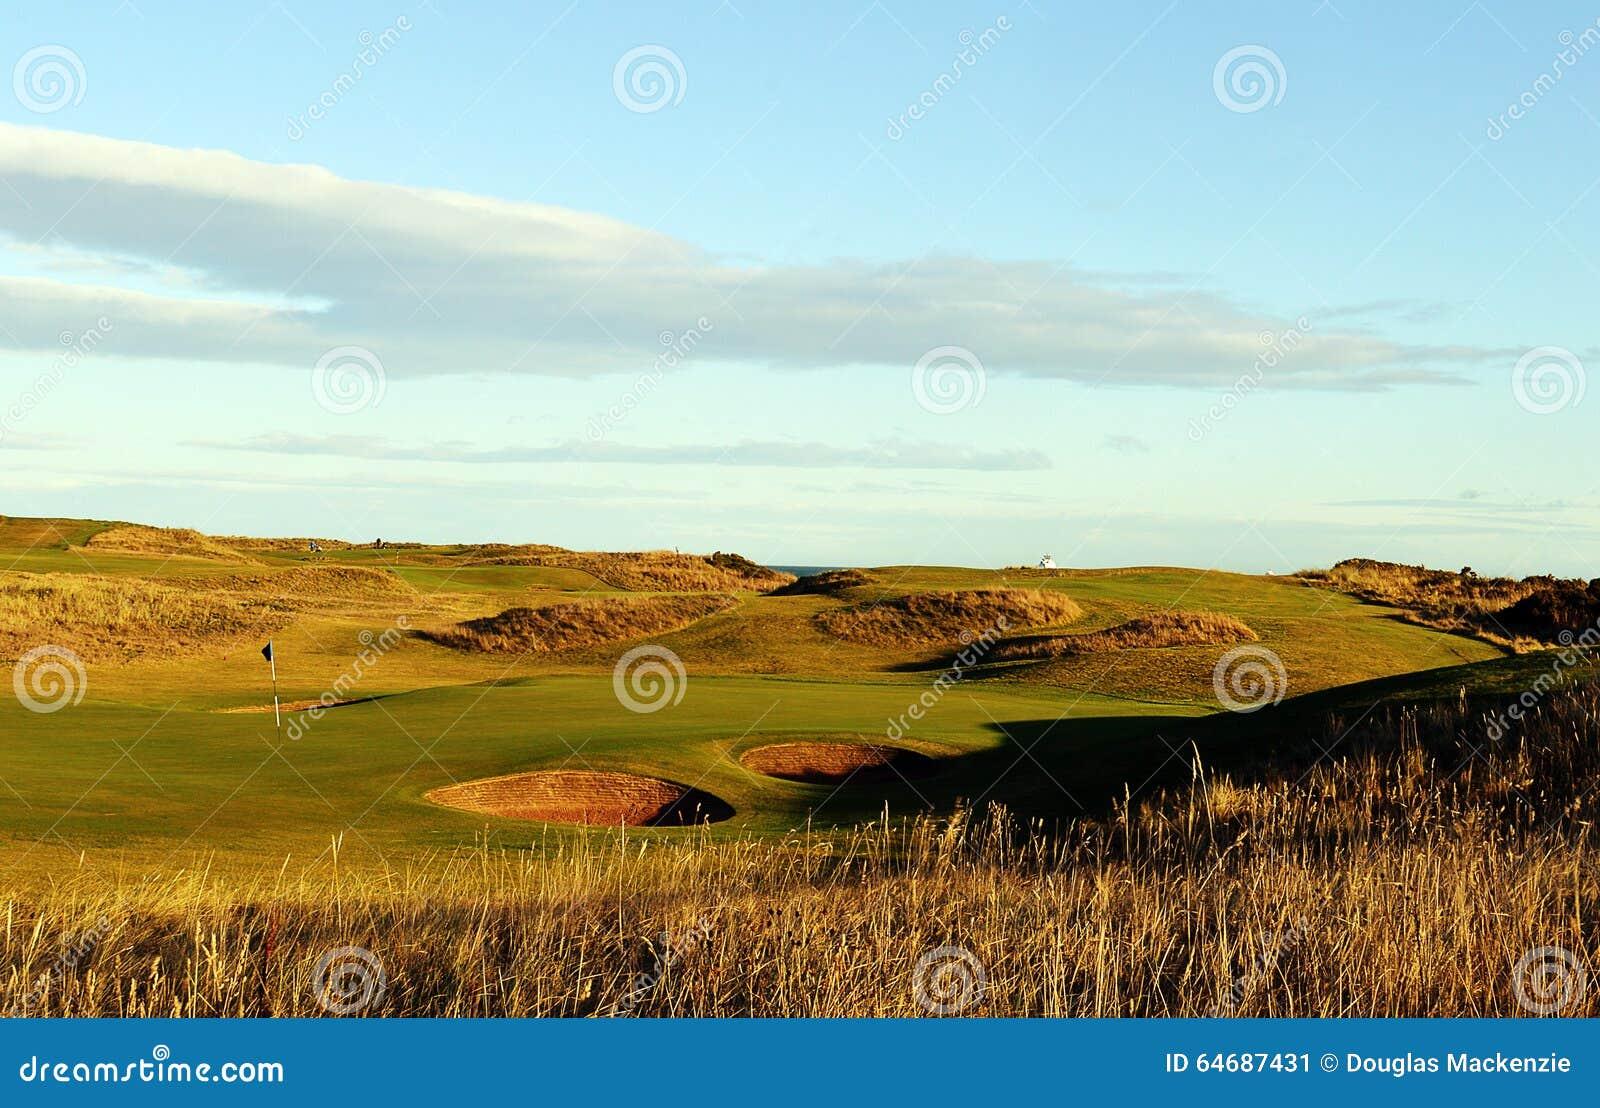 Βασιλικό γκολφ κλαμπ του Αμπερντήν, Balgownie, Αμπερντήν, Σκωτία